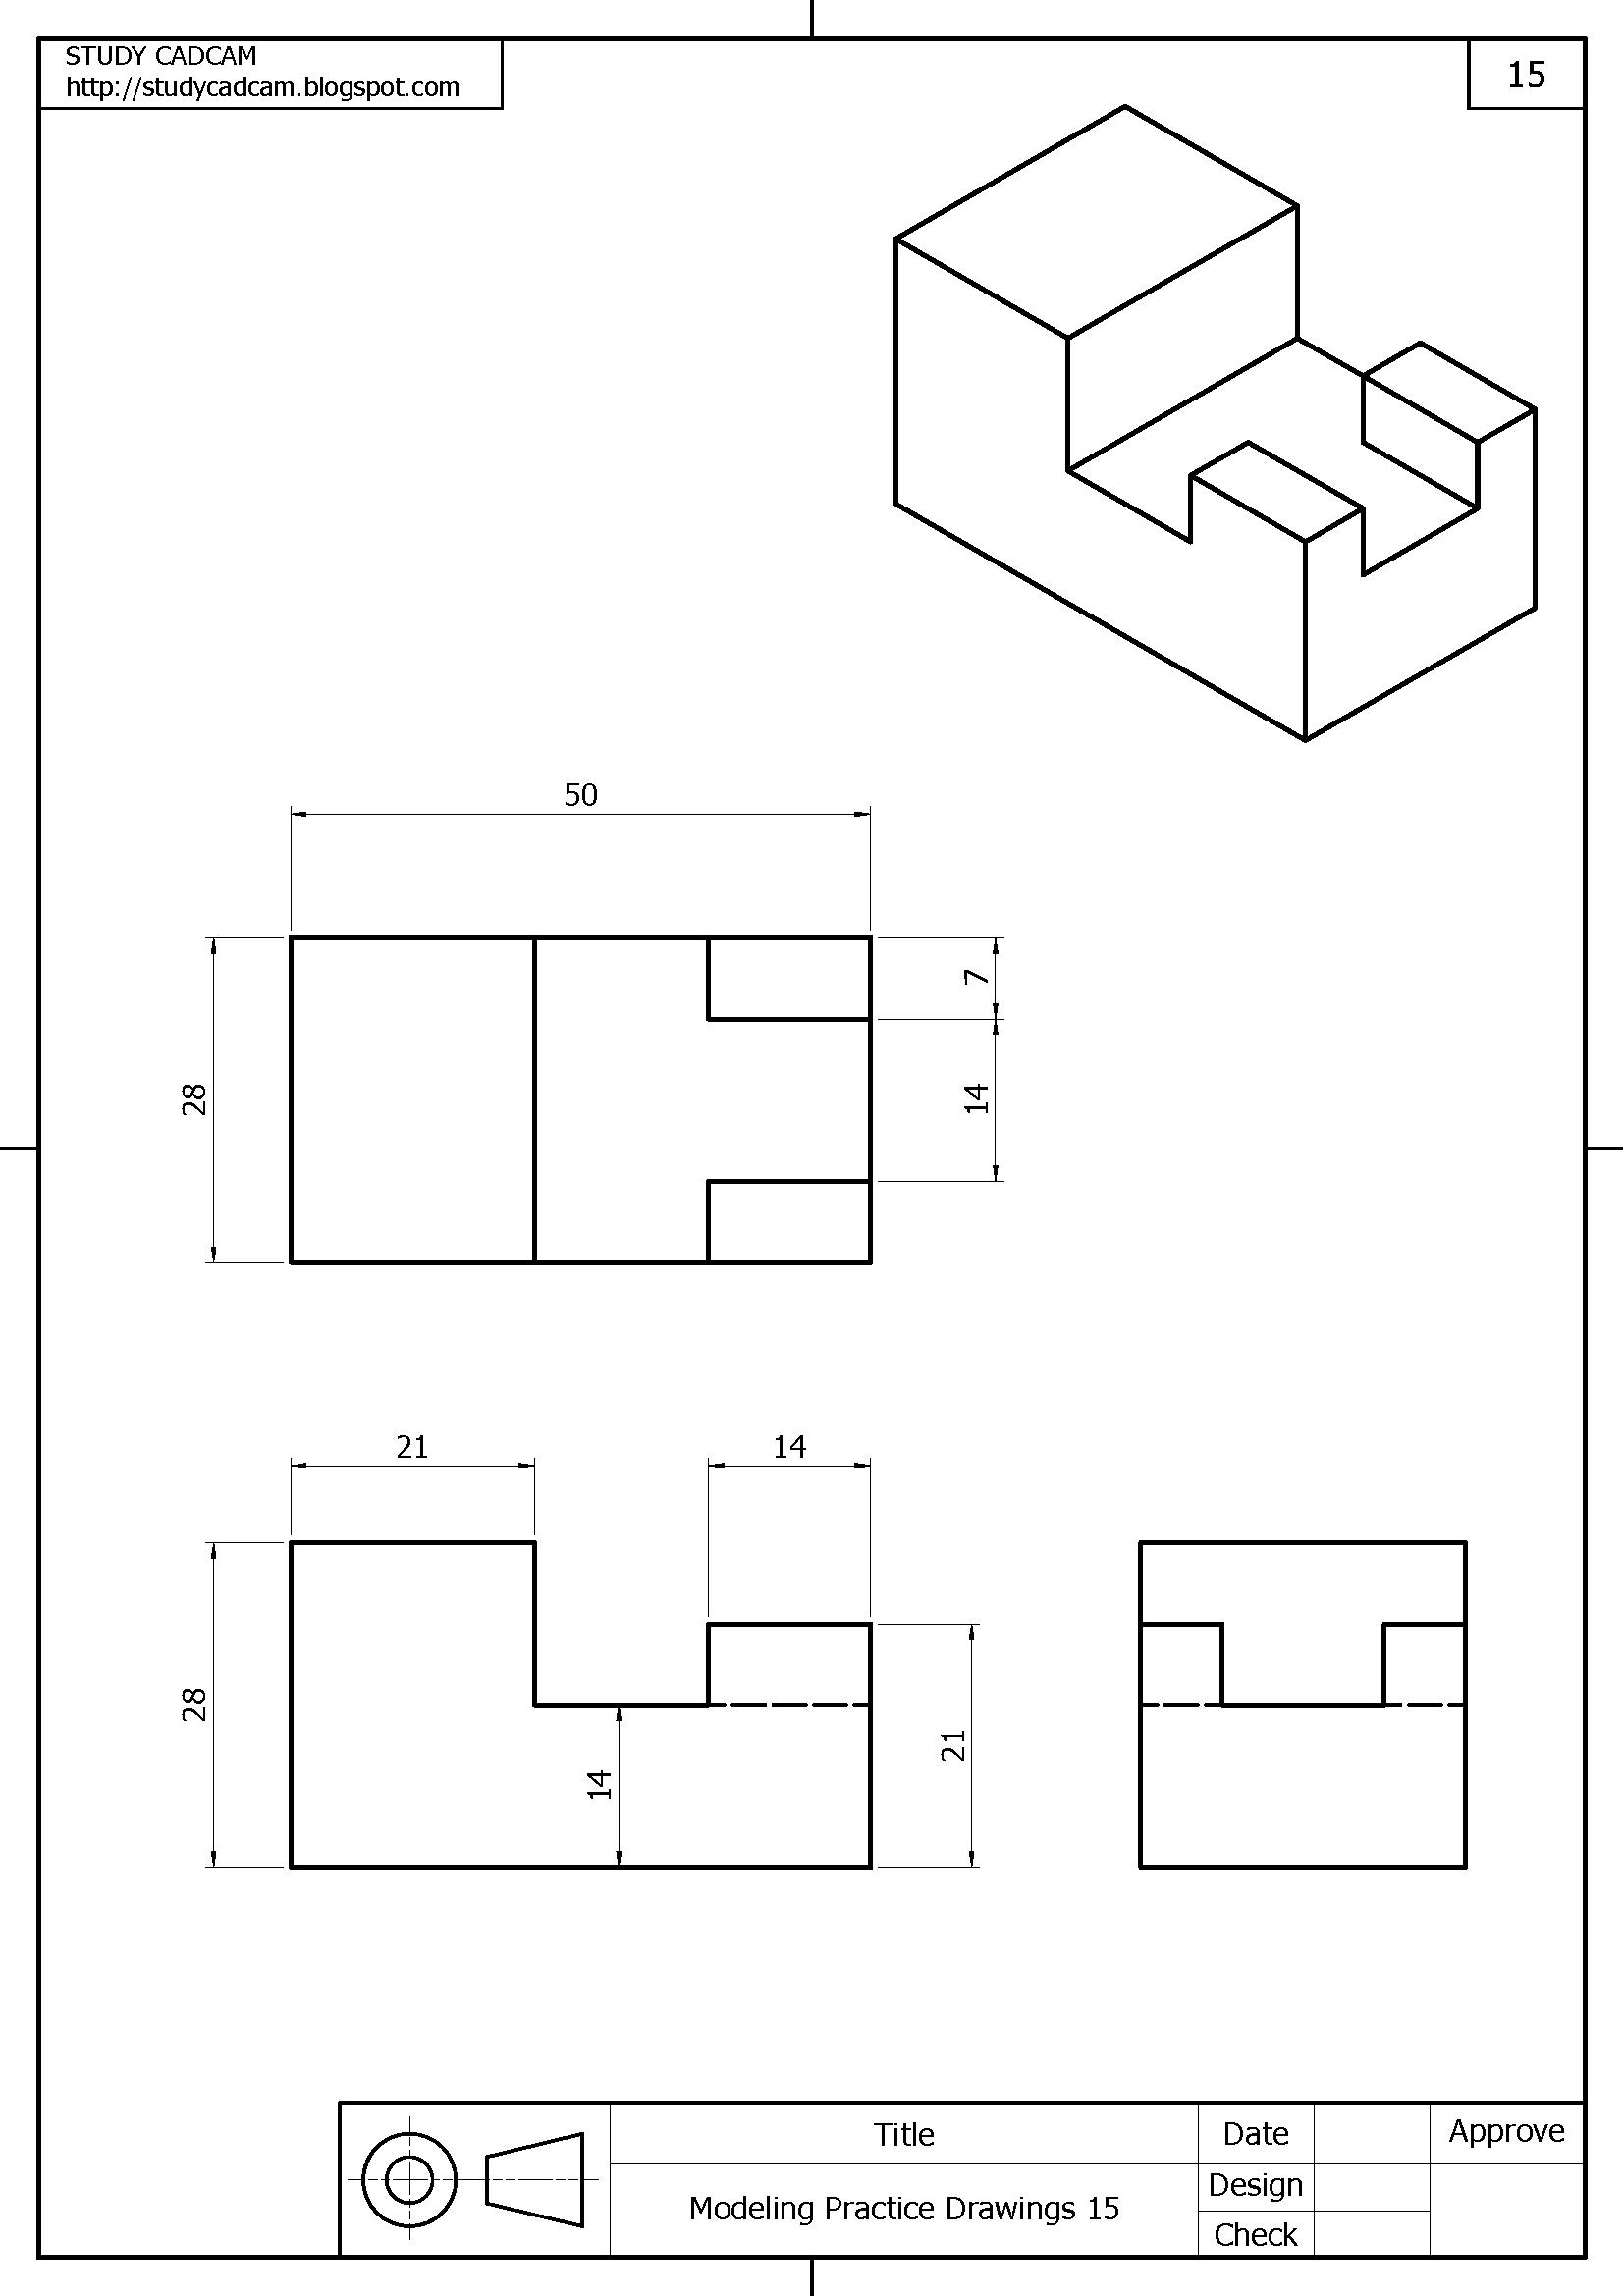 Pin de emma manso en dibujo t cnico piezas pinterest for Como se hace un plano arquitectonico